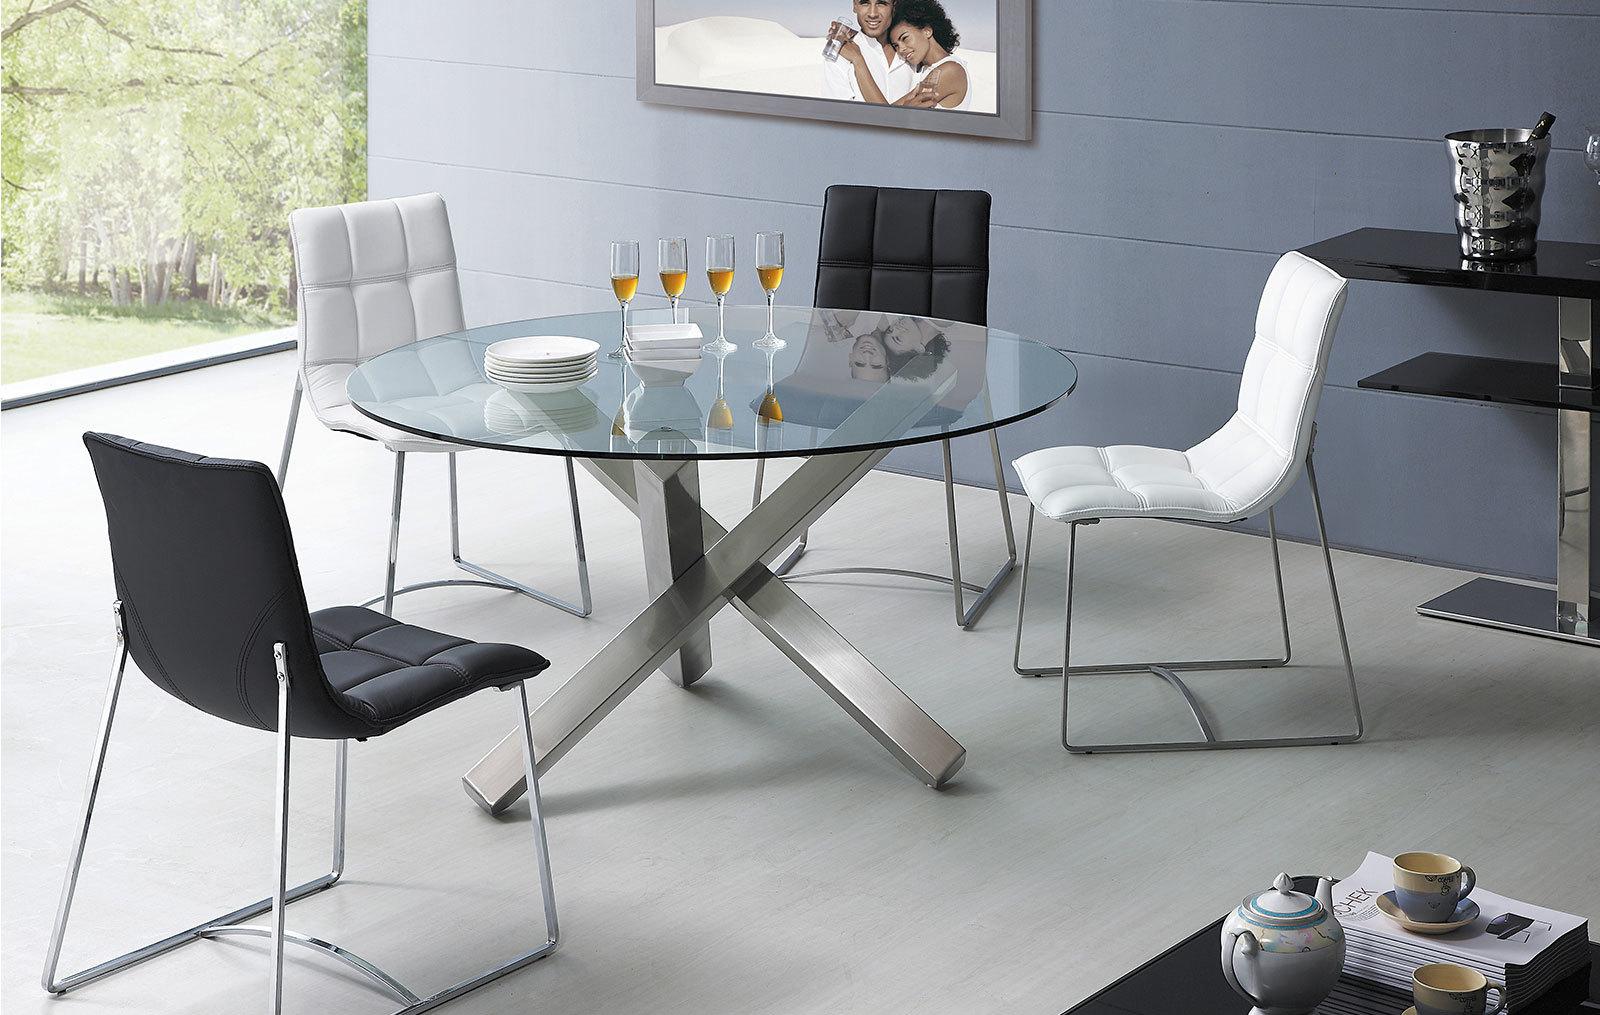 Стулья ESF BZ500S белые и черные со столом ESF BZ-951